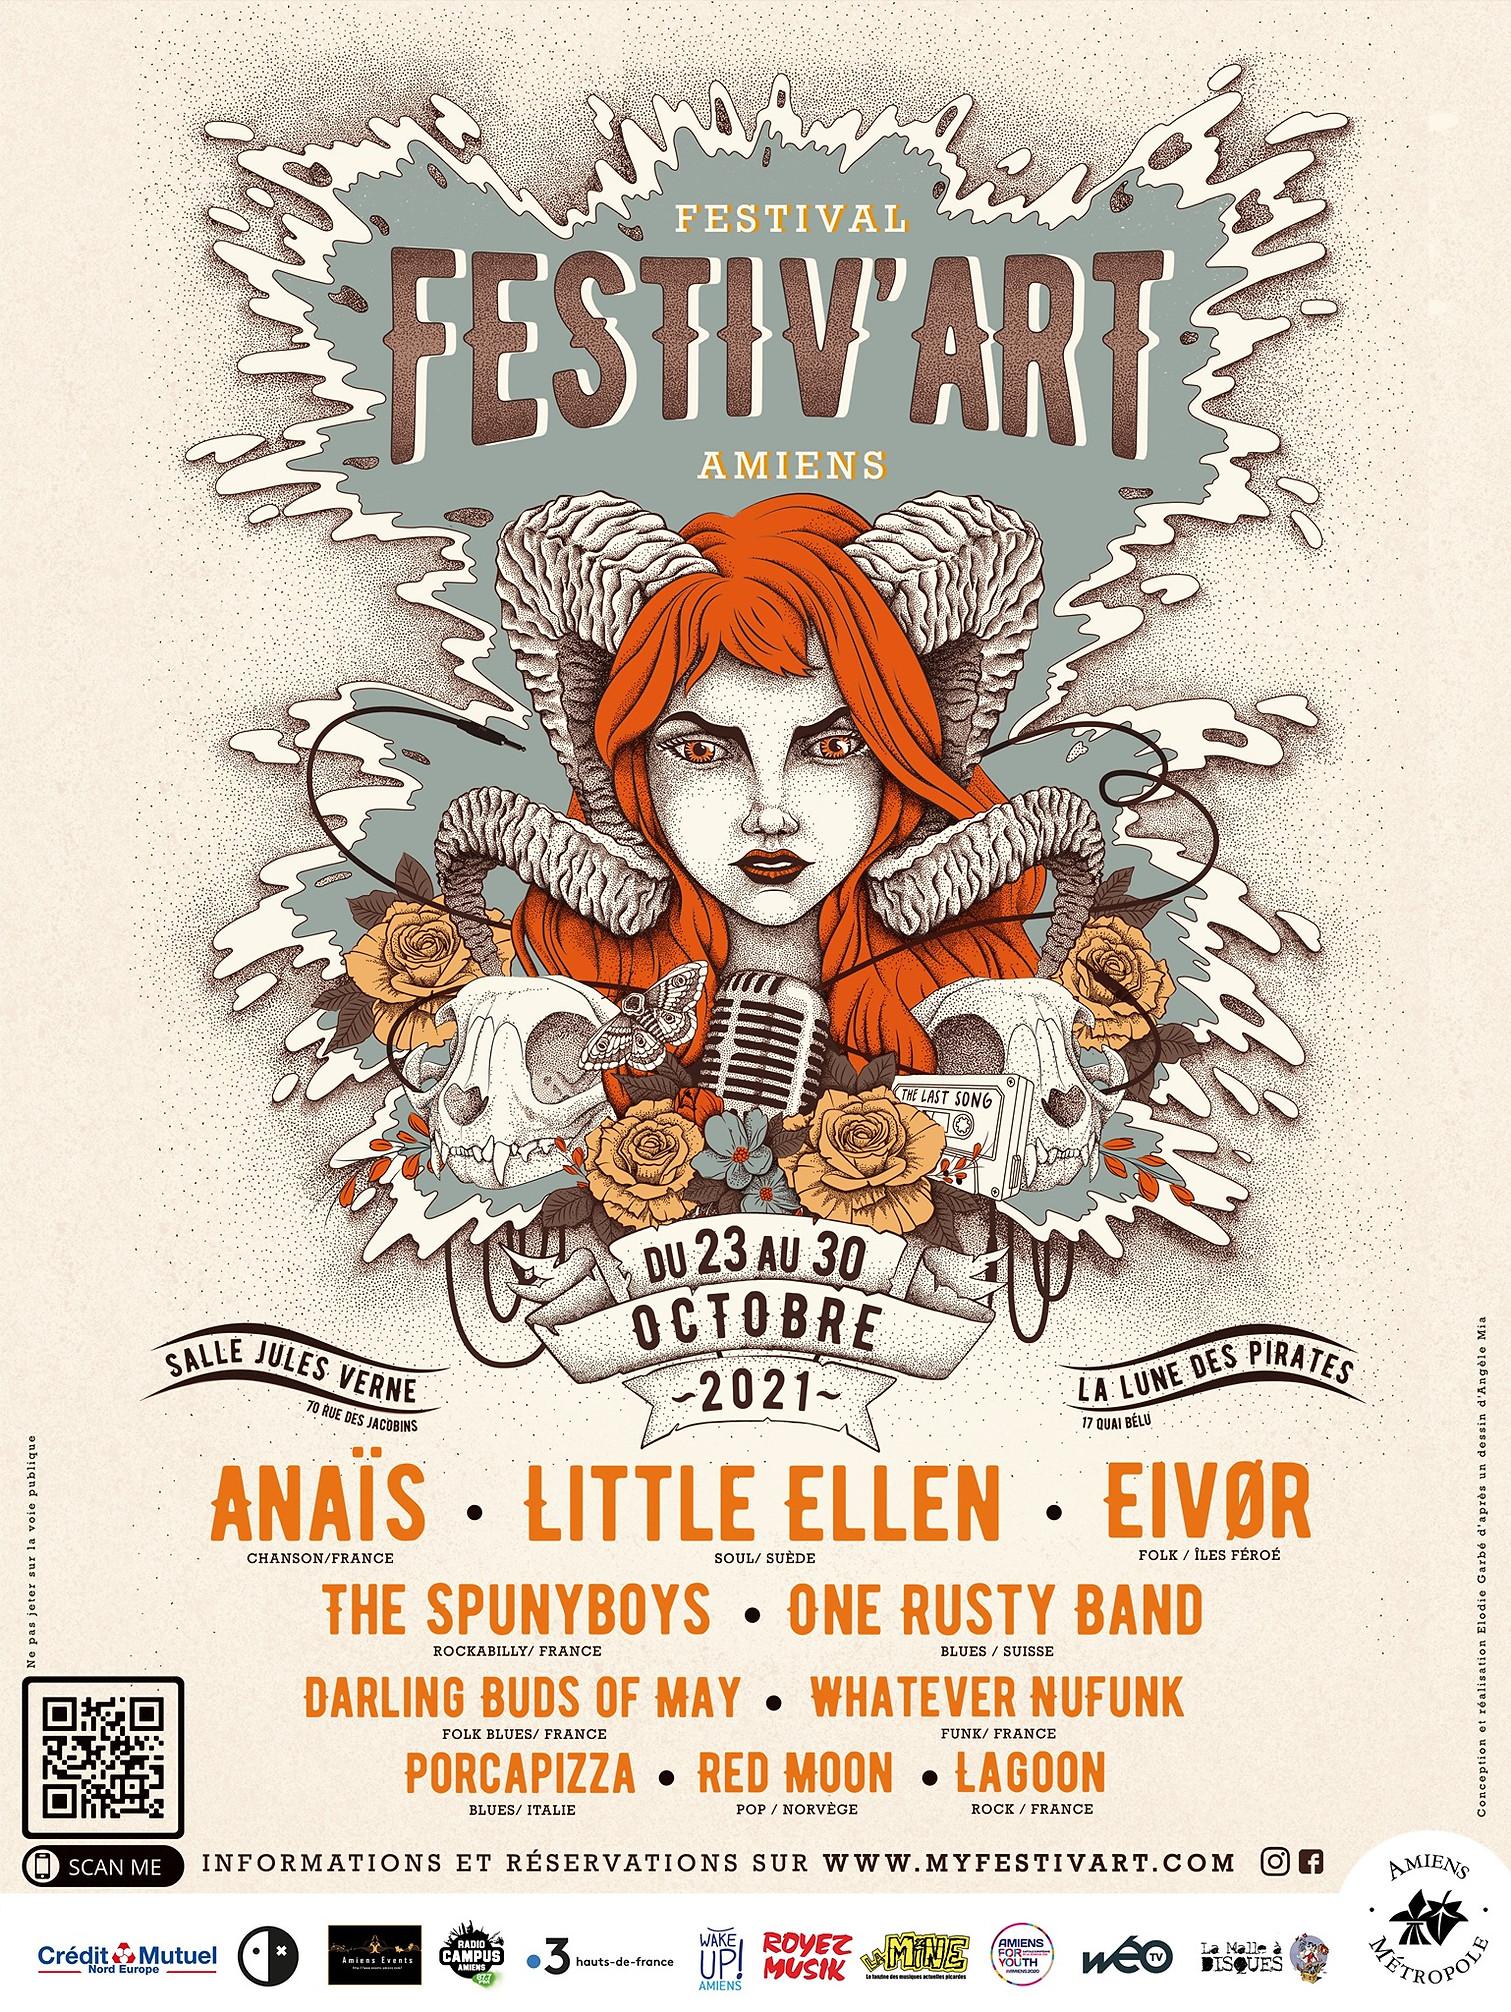 affiche festival festivart Amiens 2021.jpg